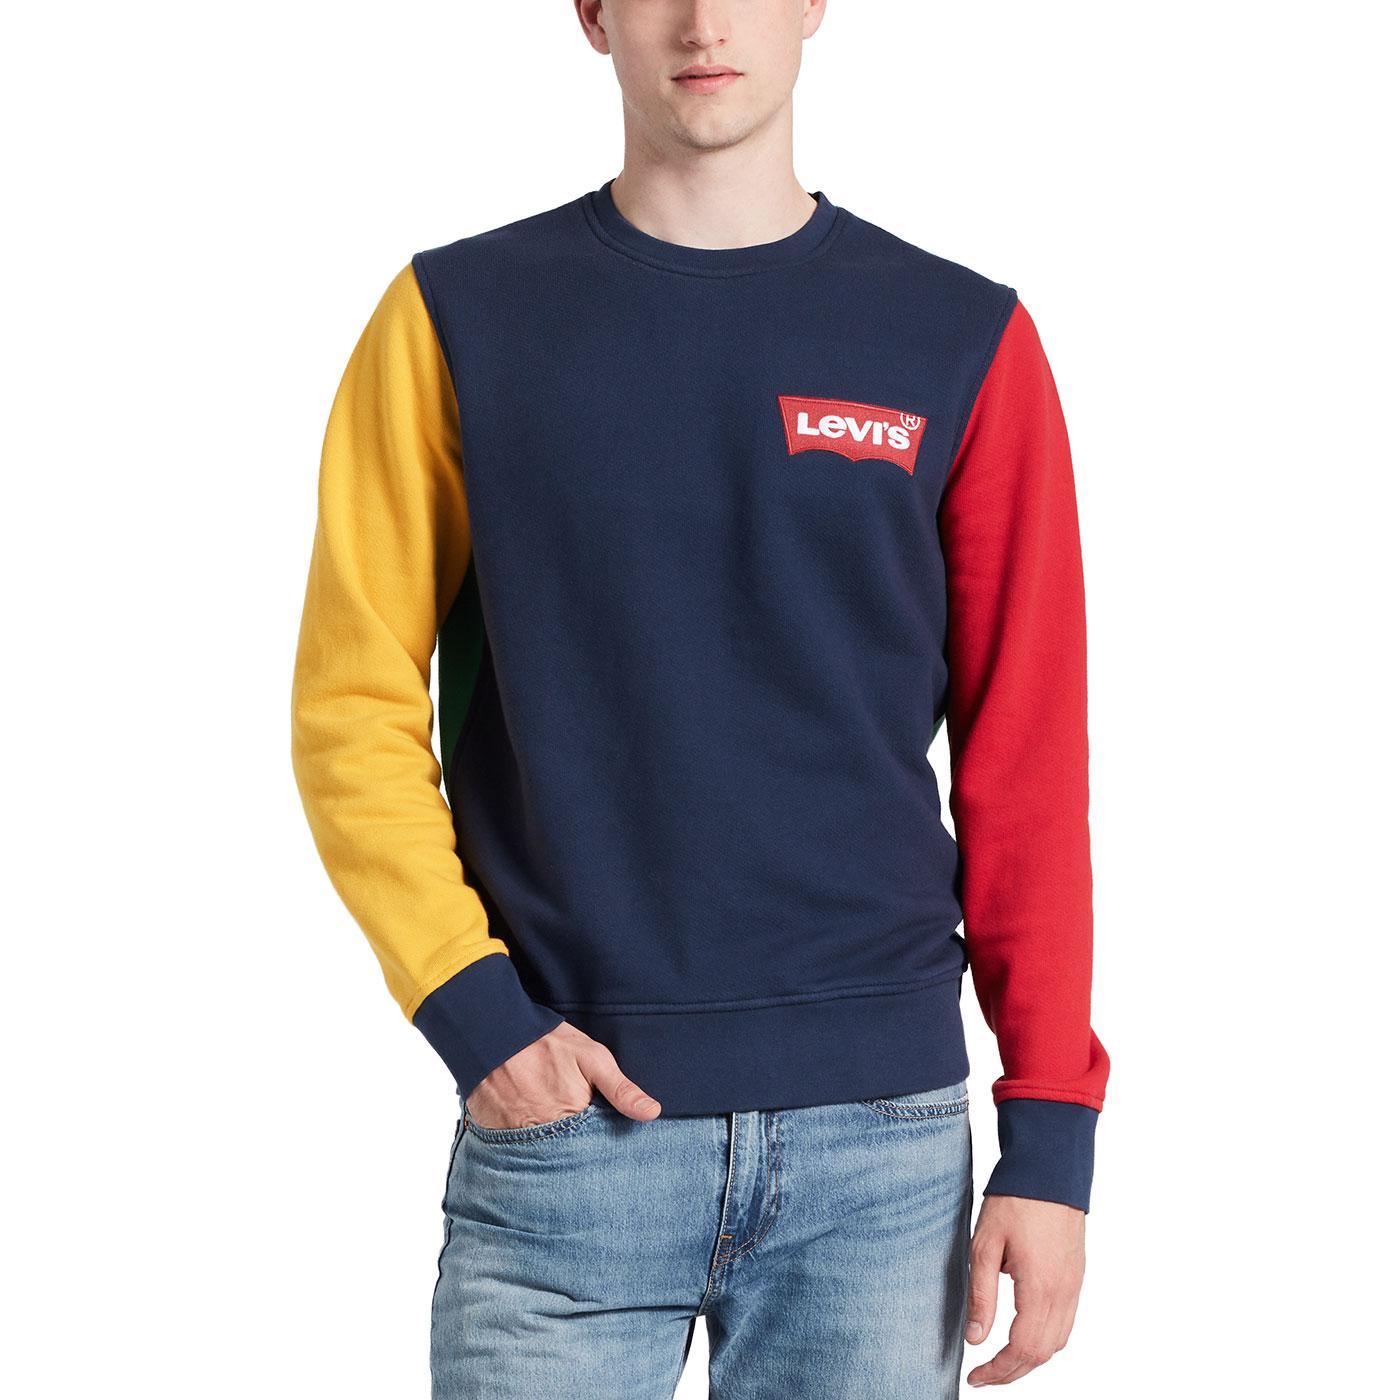 LEVI'S Men's Retro HM Crew Neck Sweatshirt (Navy)